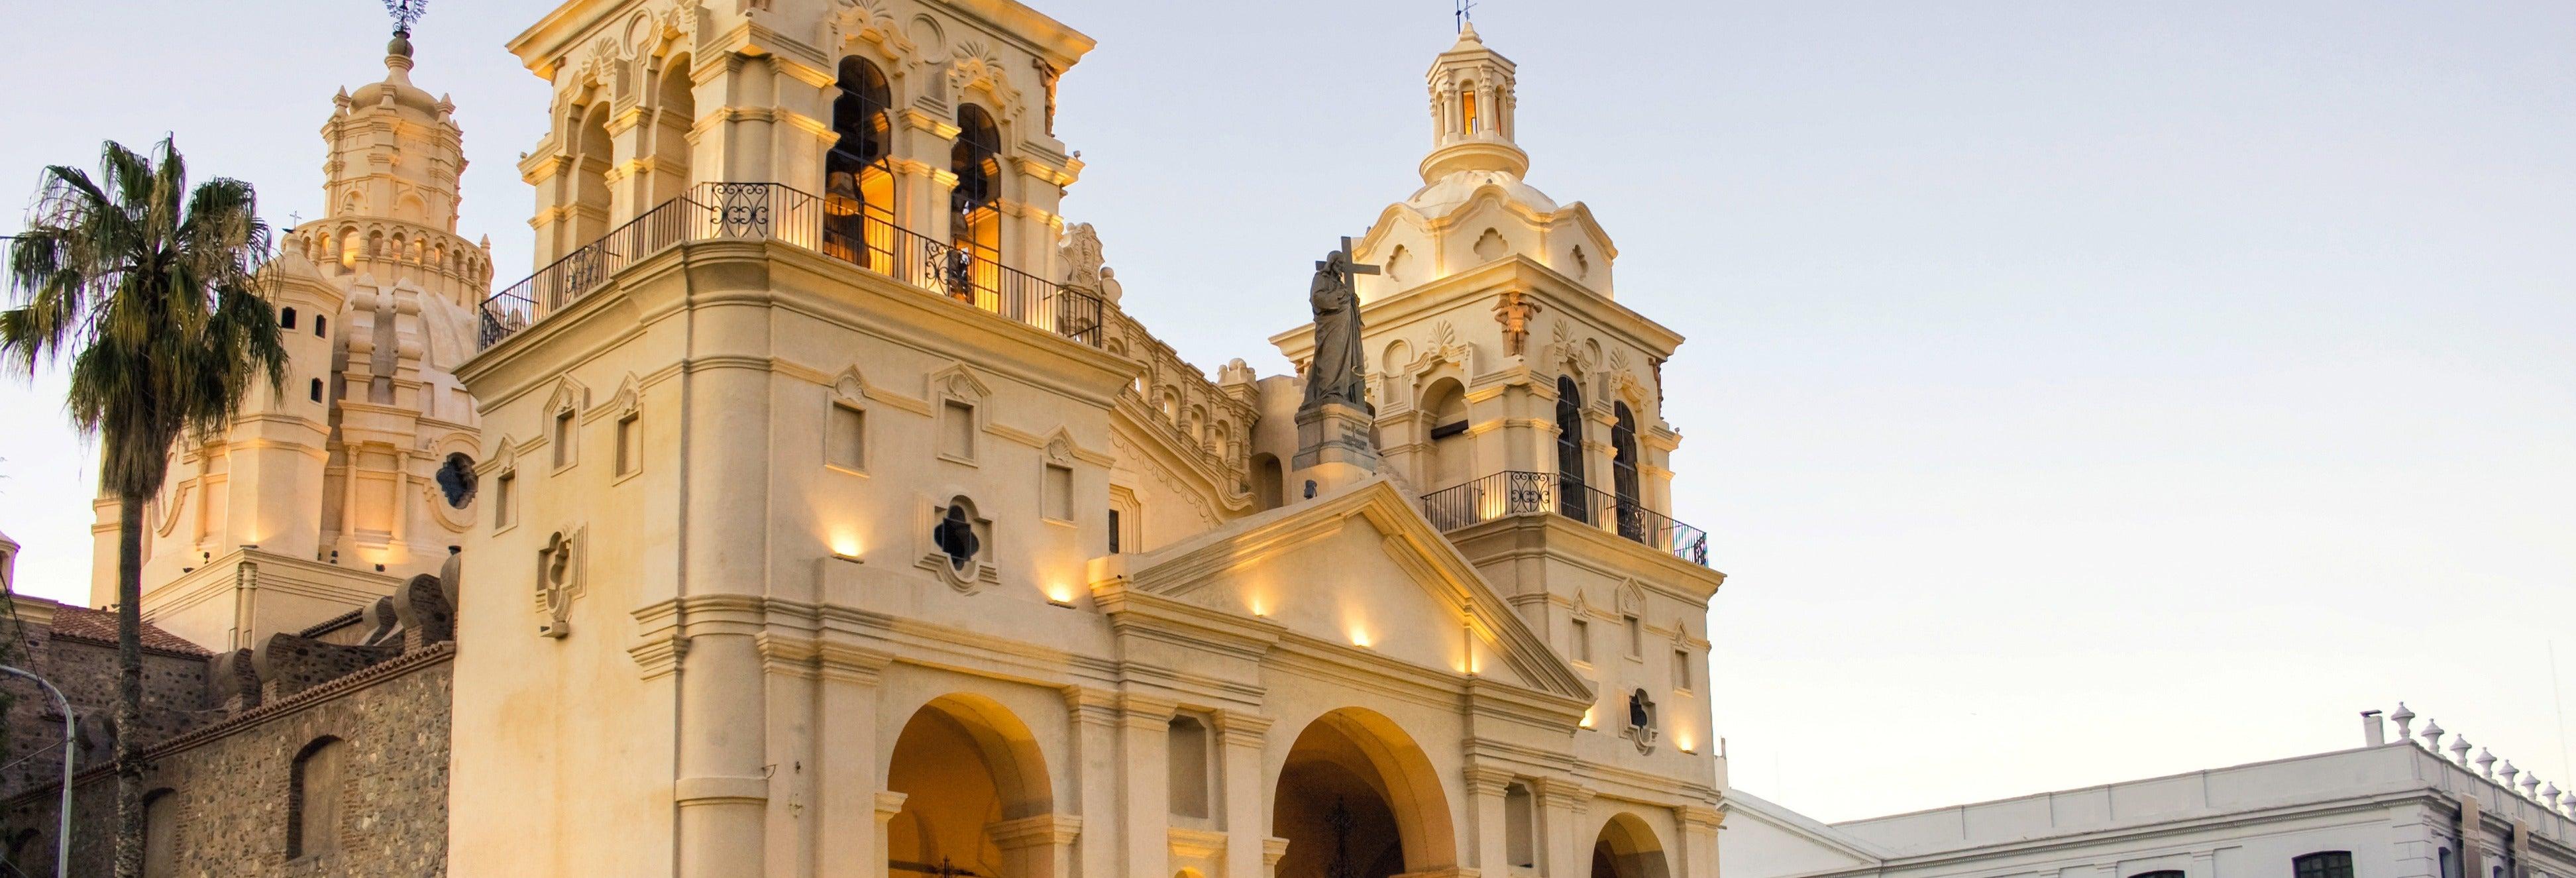 Visita guiada por Córdoba